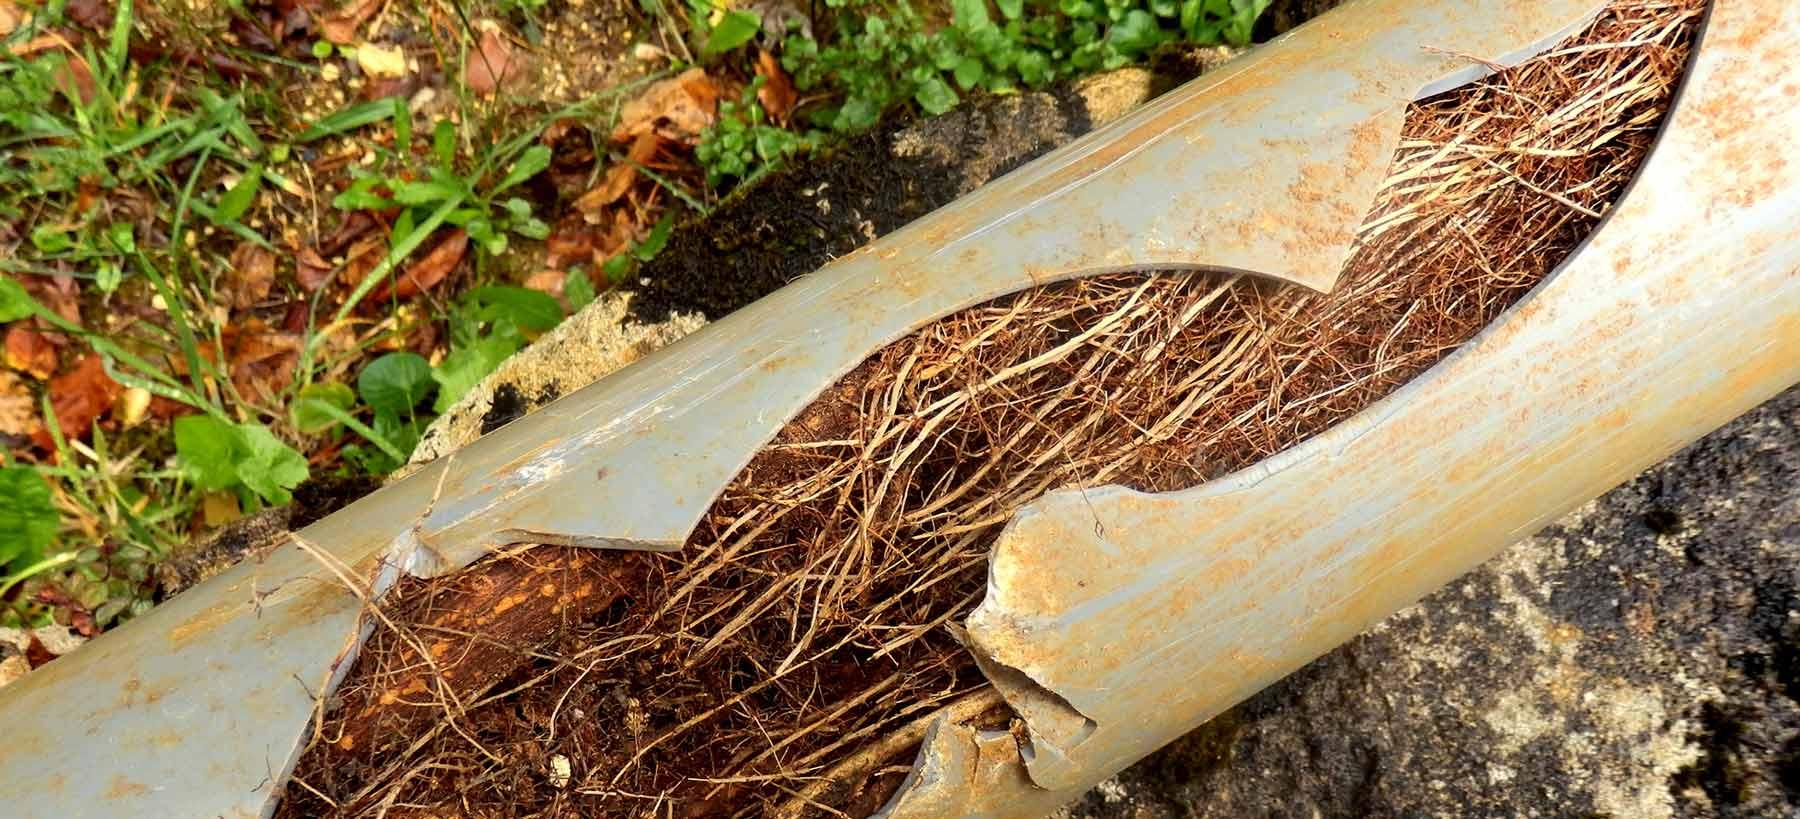 Ta bort rötter från rör